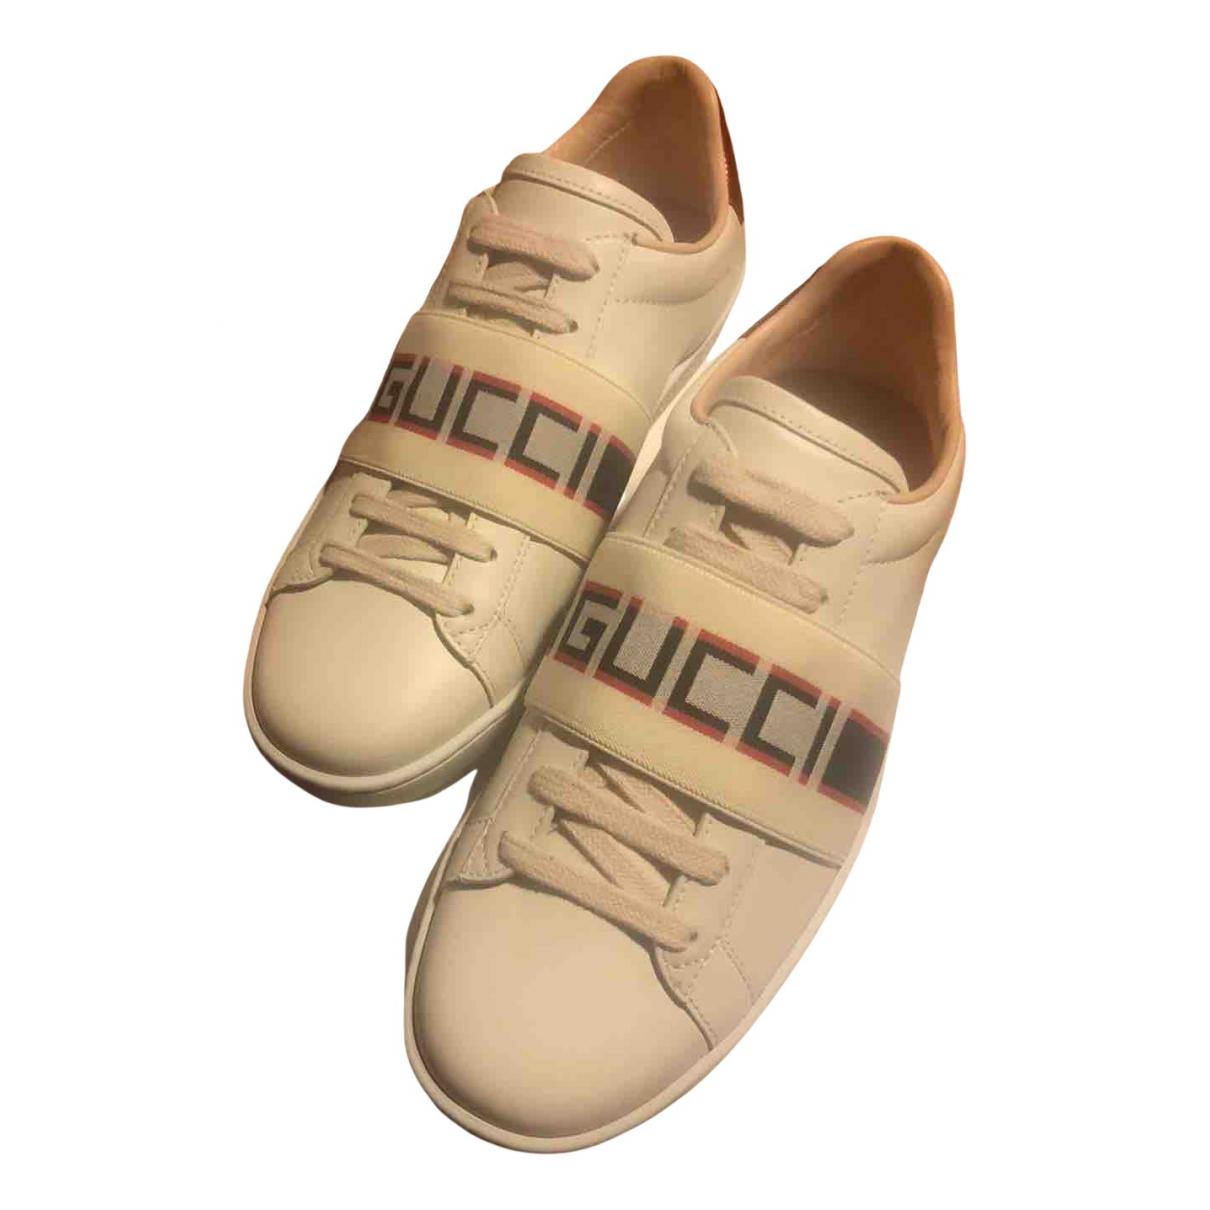 Gucci - Baskets Ace pour femme en cuir - multicolore